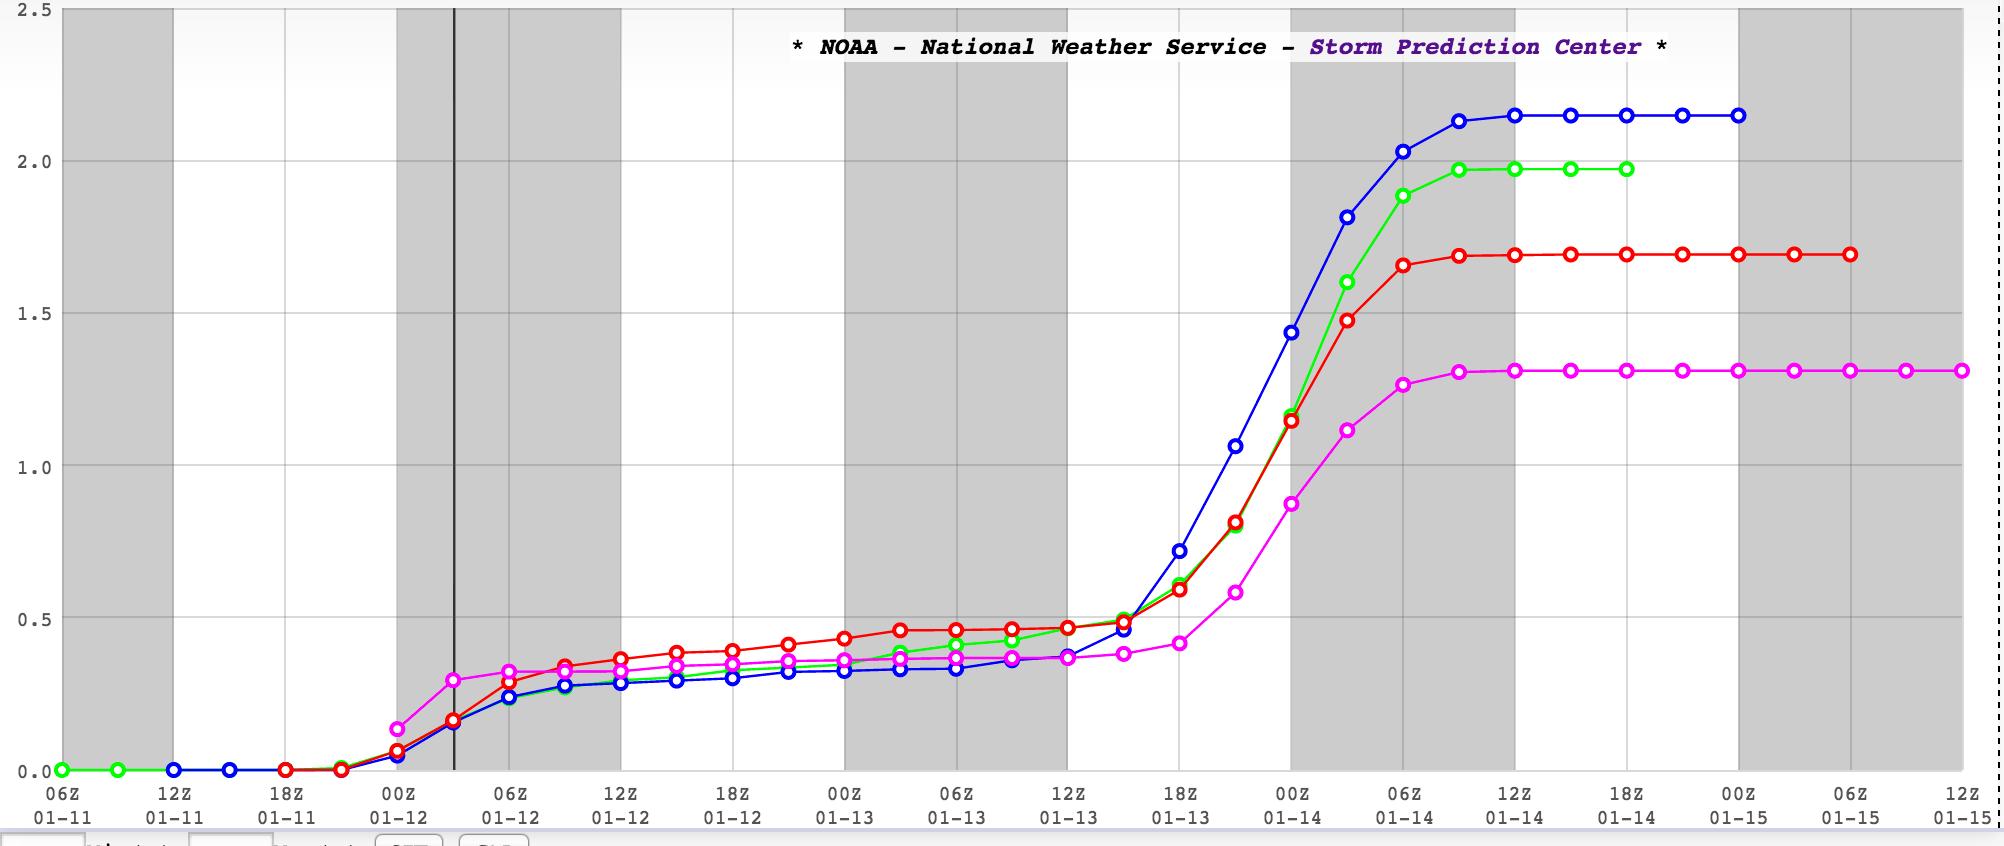 SREF mean total snowfall forecast KDEN